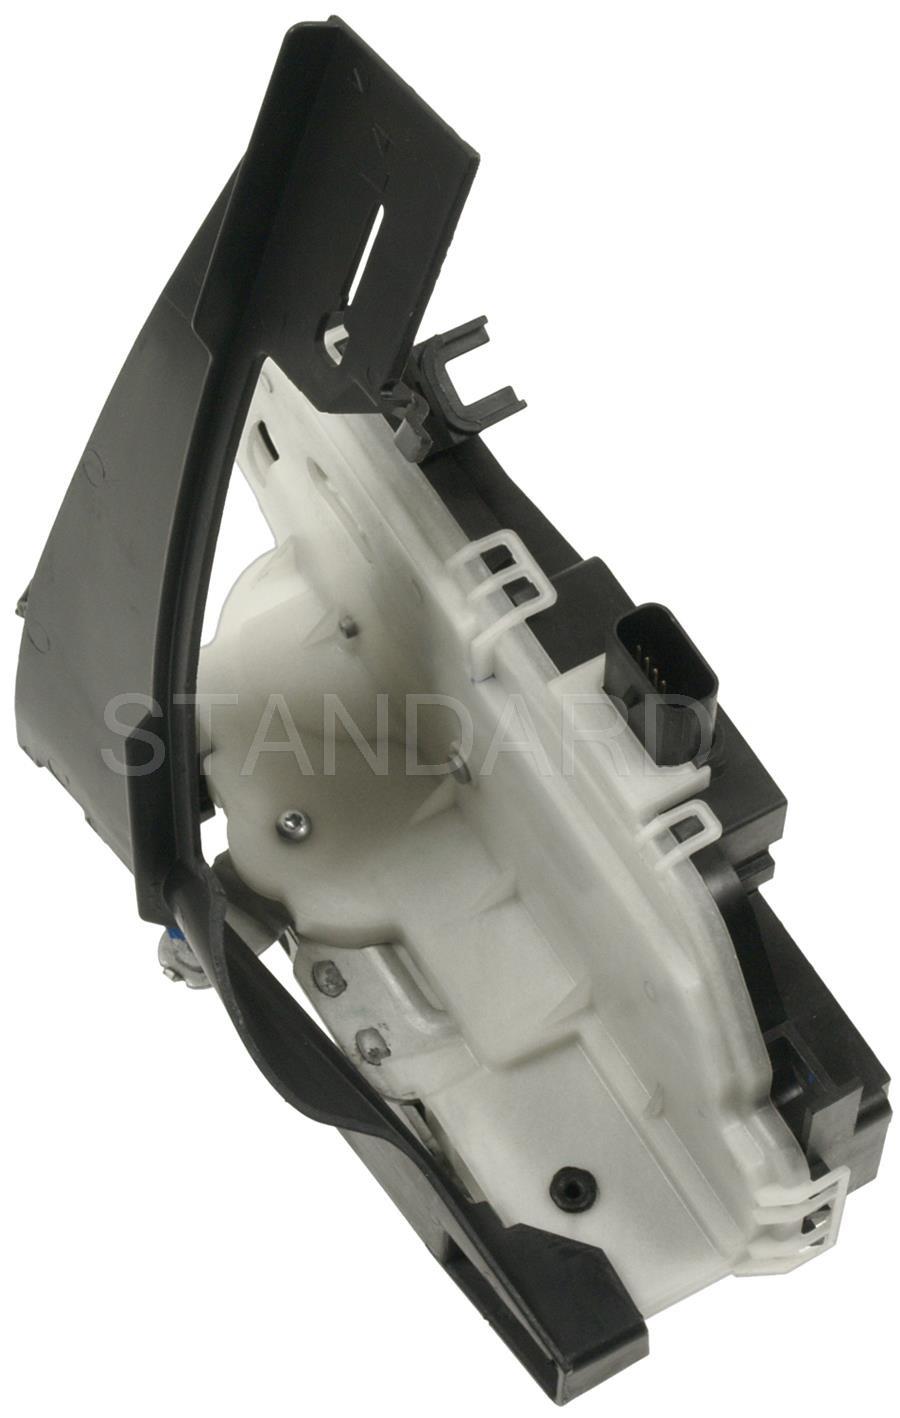 Imagen de Motor Actuador de Seguro Eléctrico de la puerta para Ford Escape 2008 2010 Marca STANDARD MOTOR Número de Parte DLA-565